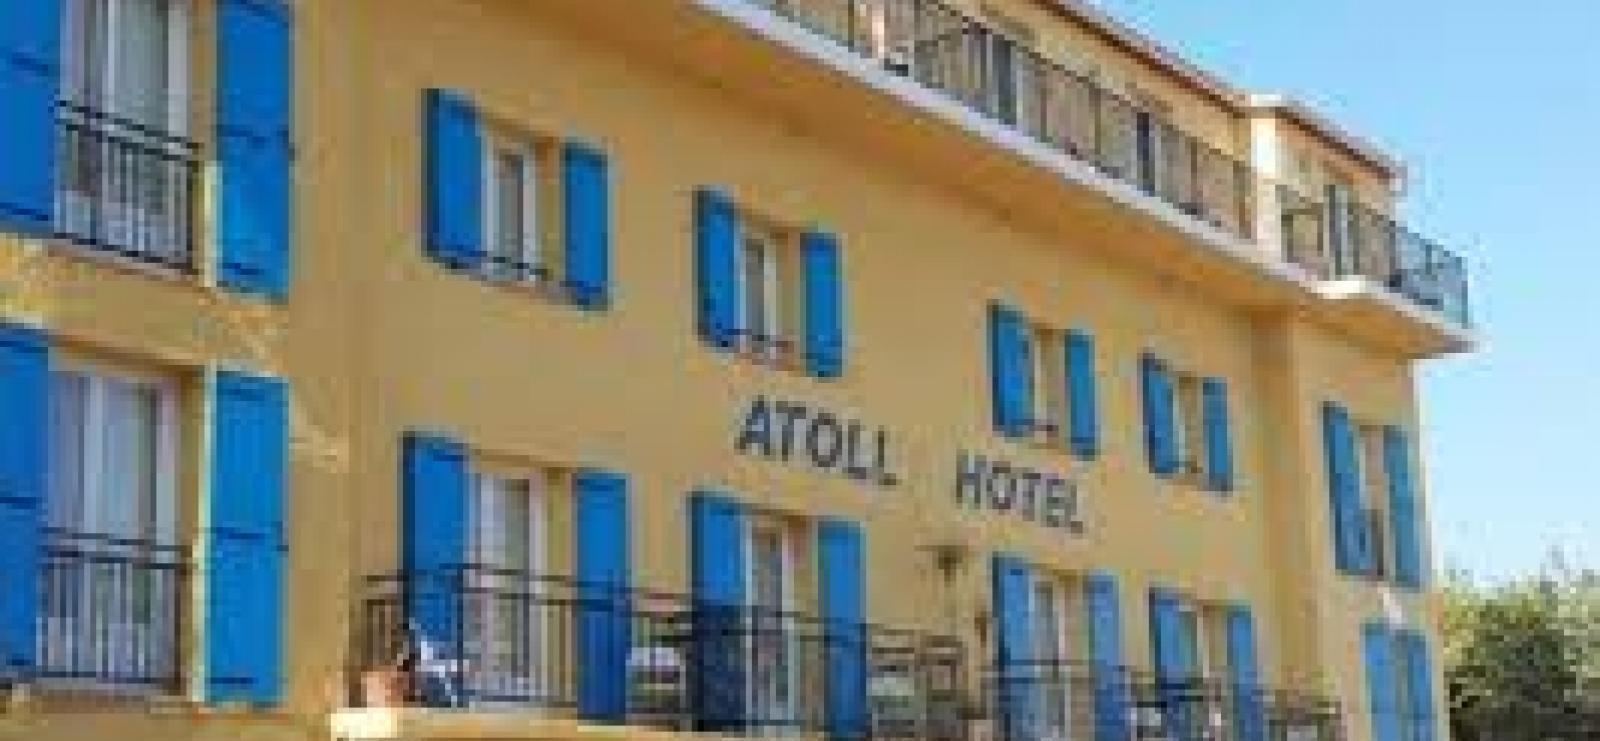 Atoll Hôtel